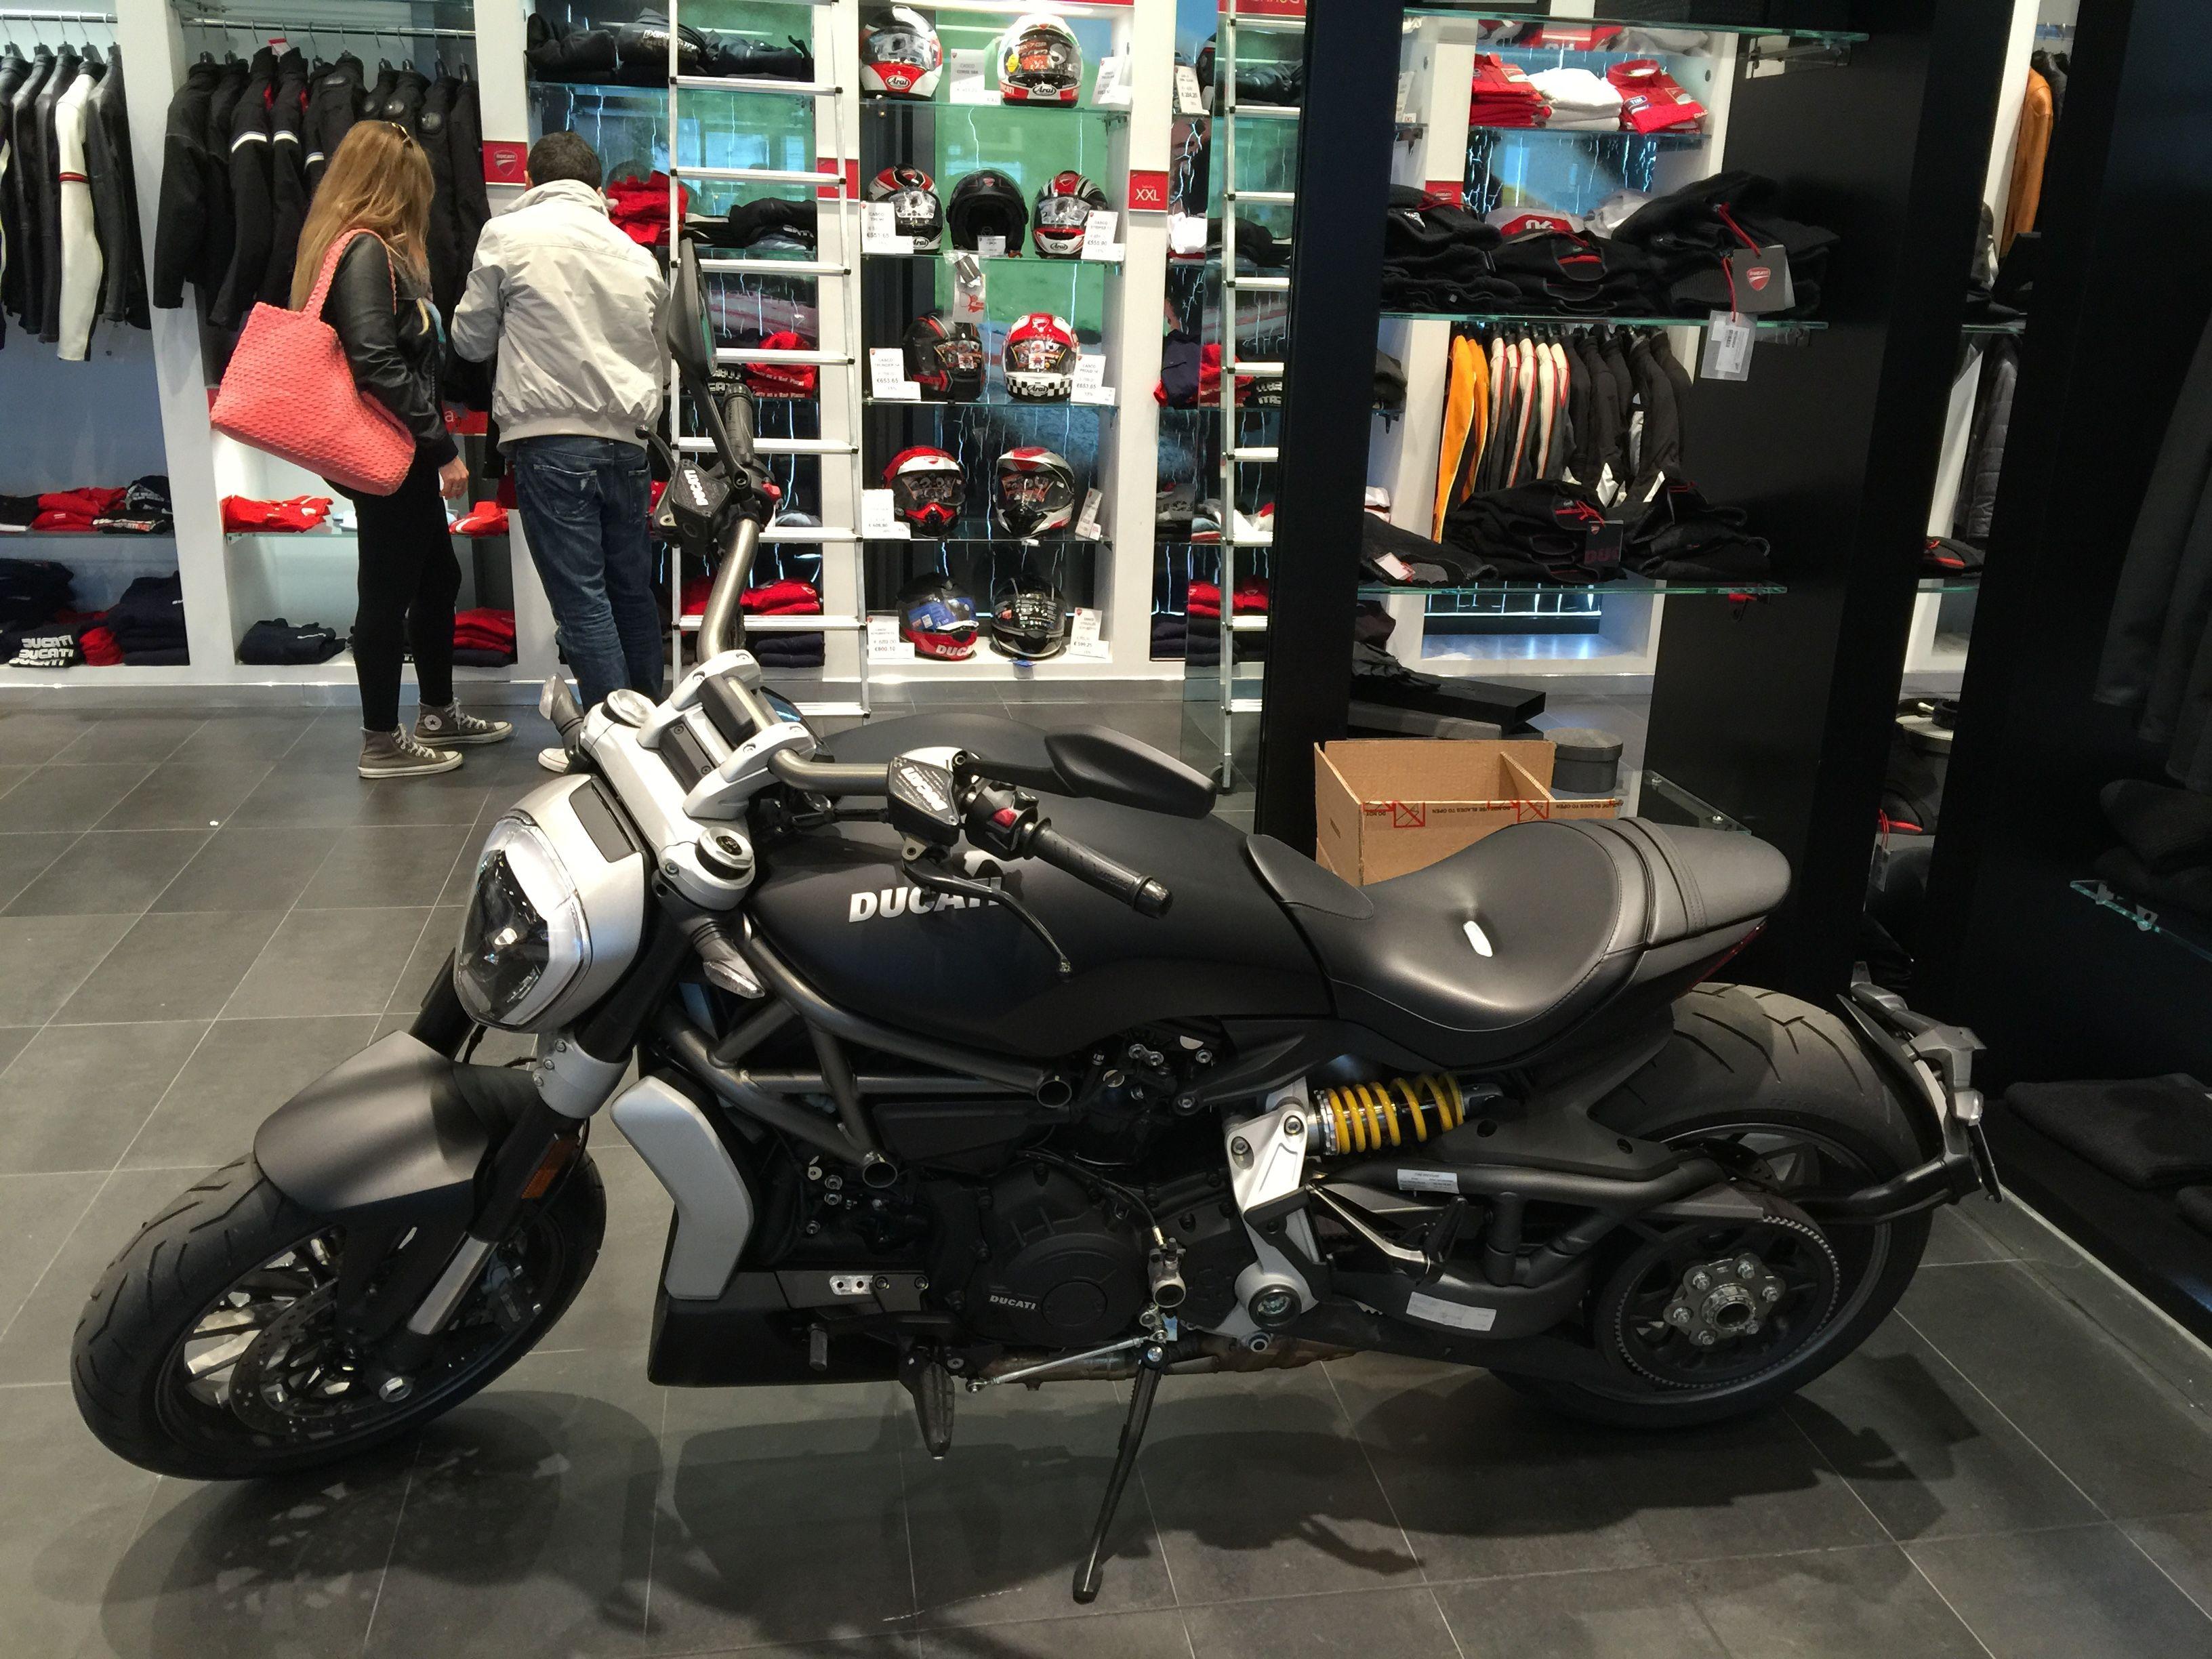 Ducati store in Bologna